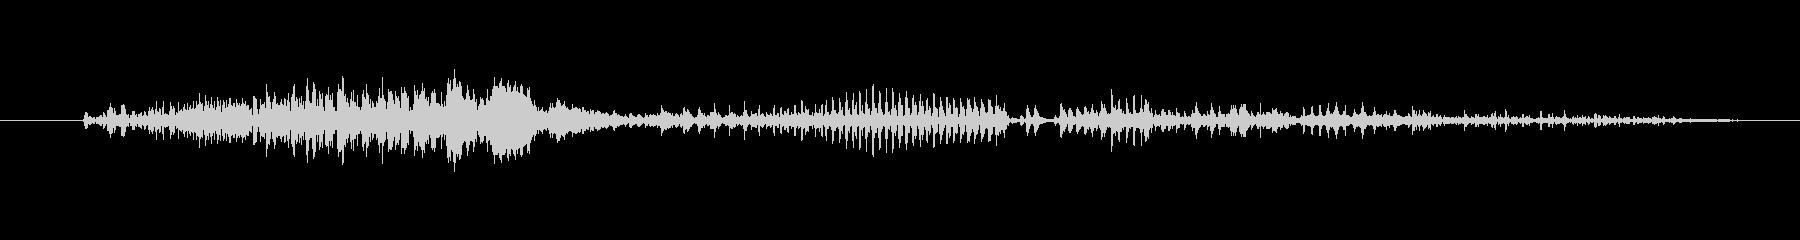 鳴き声 男性の呪い悪05の未再生の波形